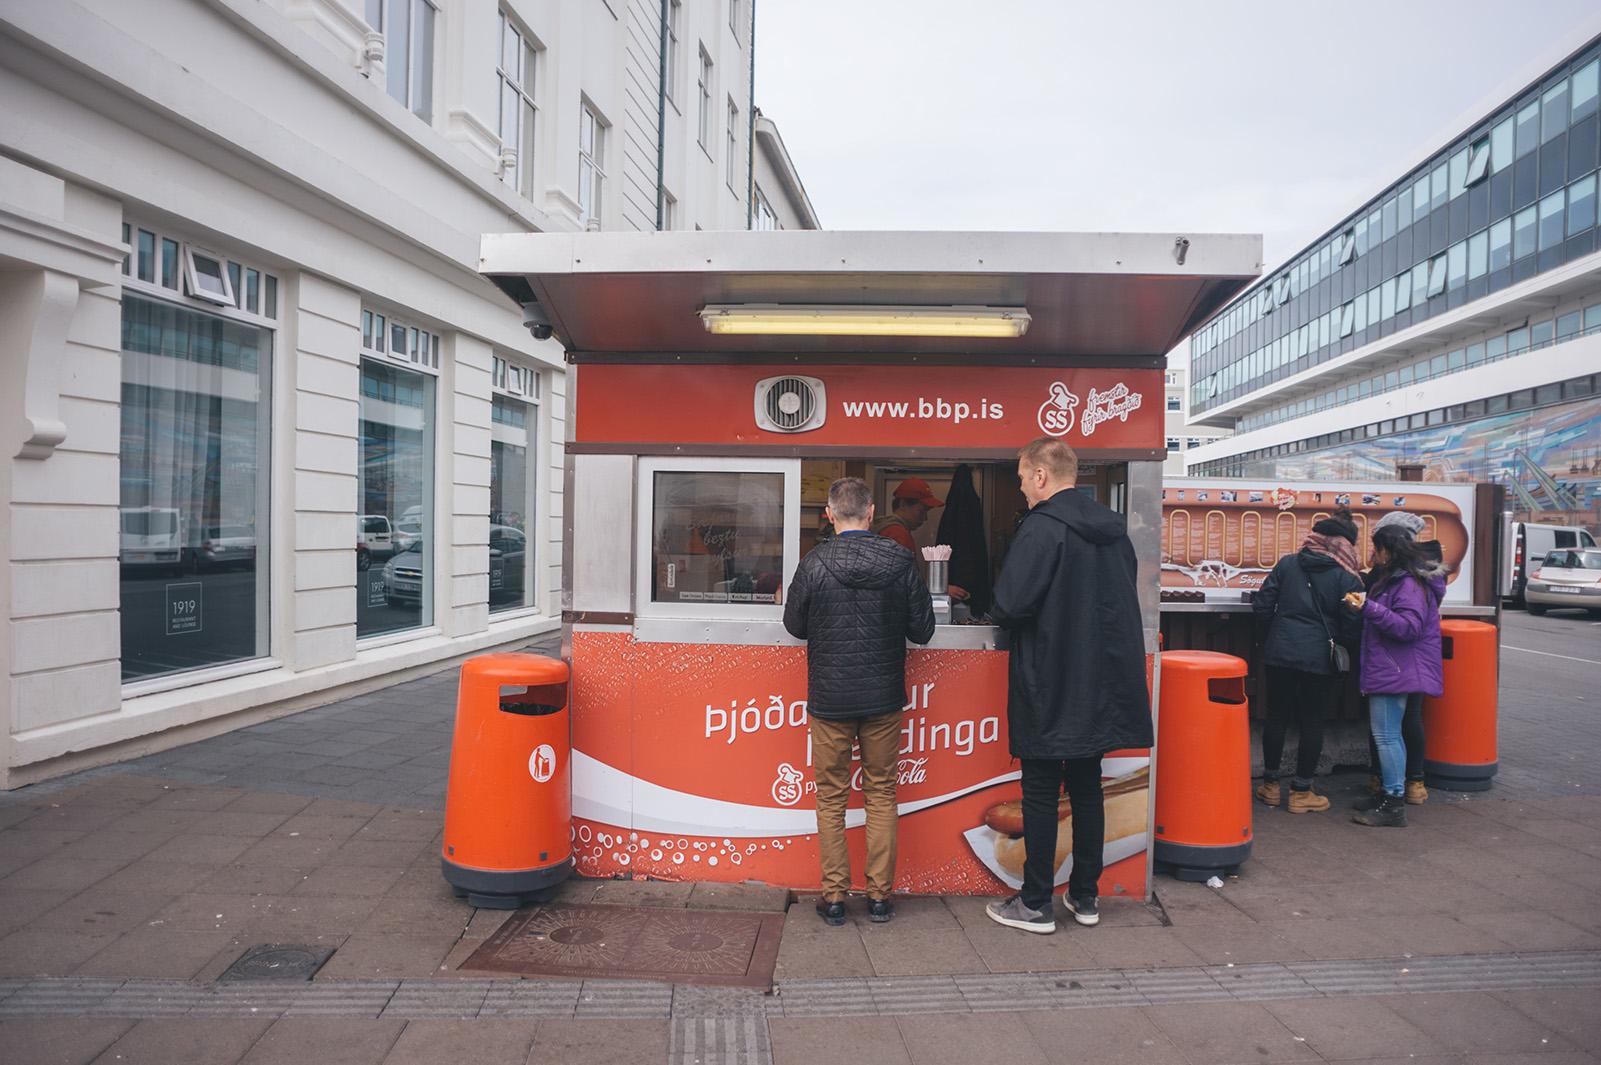 Bæjarins beztu pylsur (Лучший хотдог в городе), Reykjavik. В свое время, хотдогами из этого киоска питались многие знаменитости (Бил Клинтон, Джеймс Хетфилд, Чарли Шин)